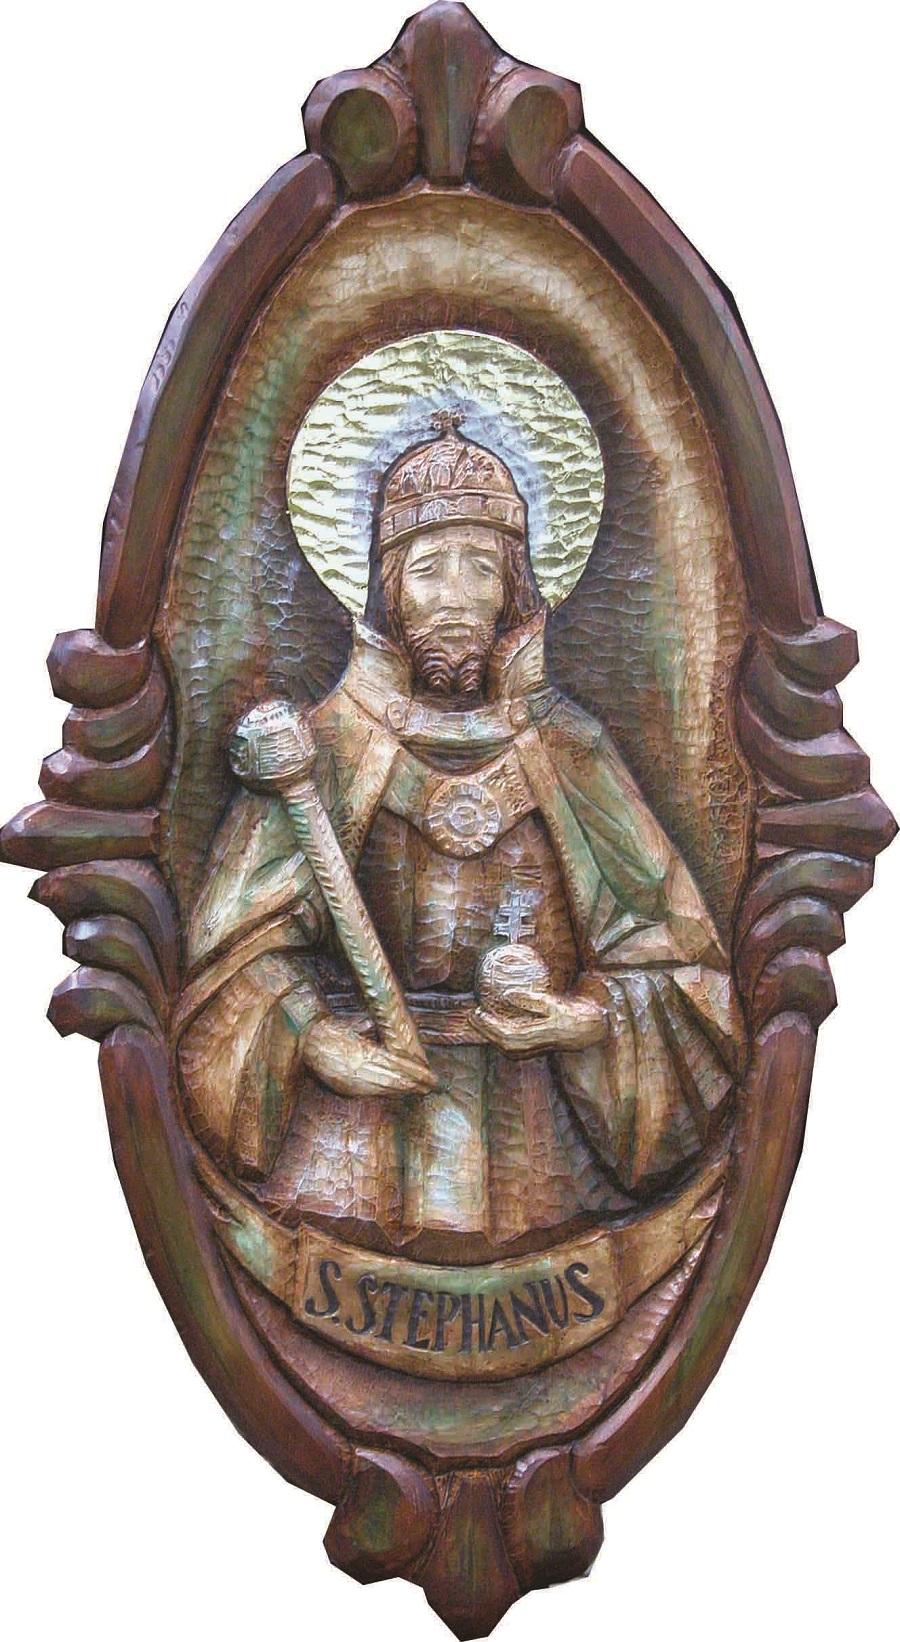 Szent  István az ipolybalogi templom mennyezeti kazettáján